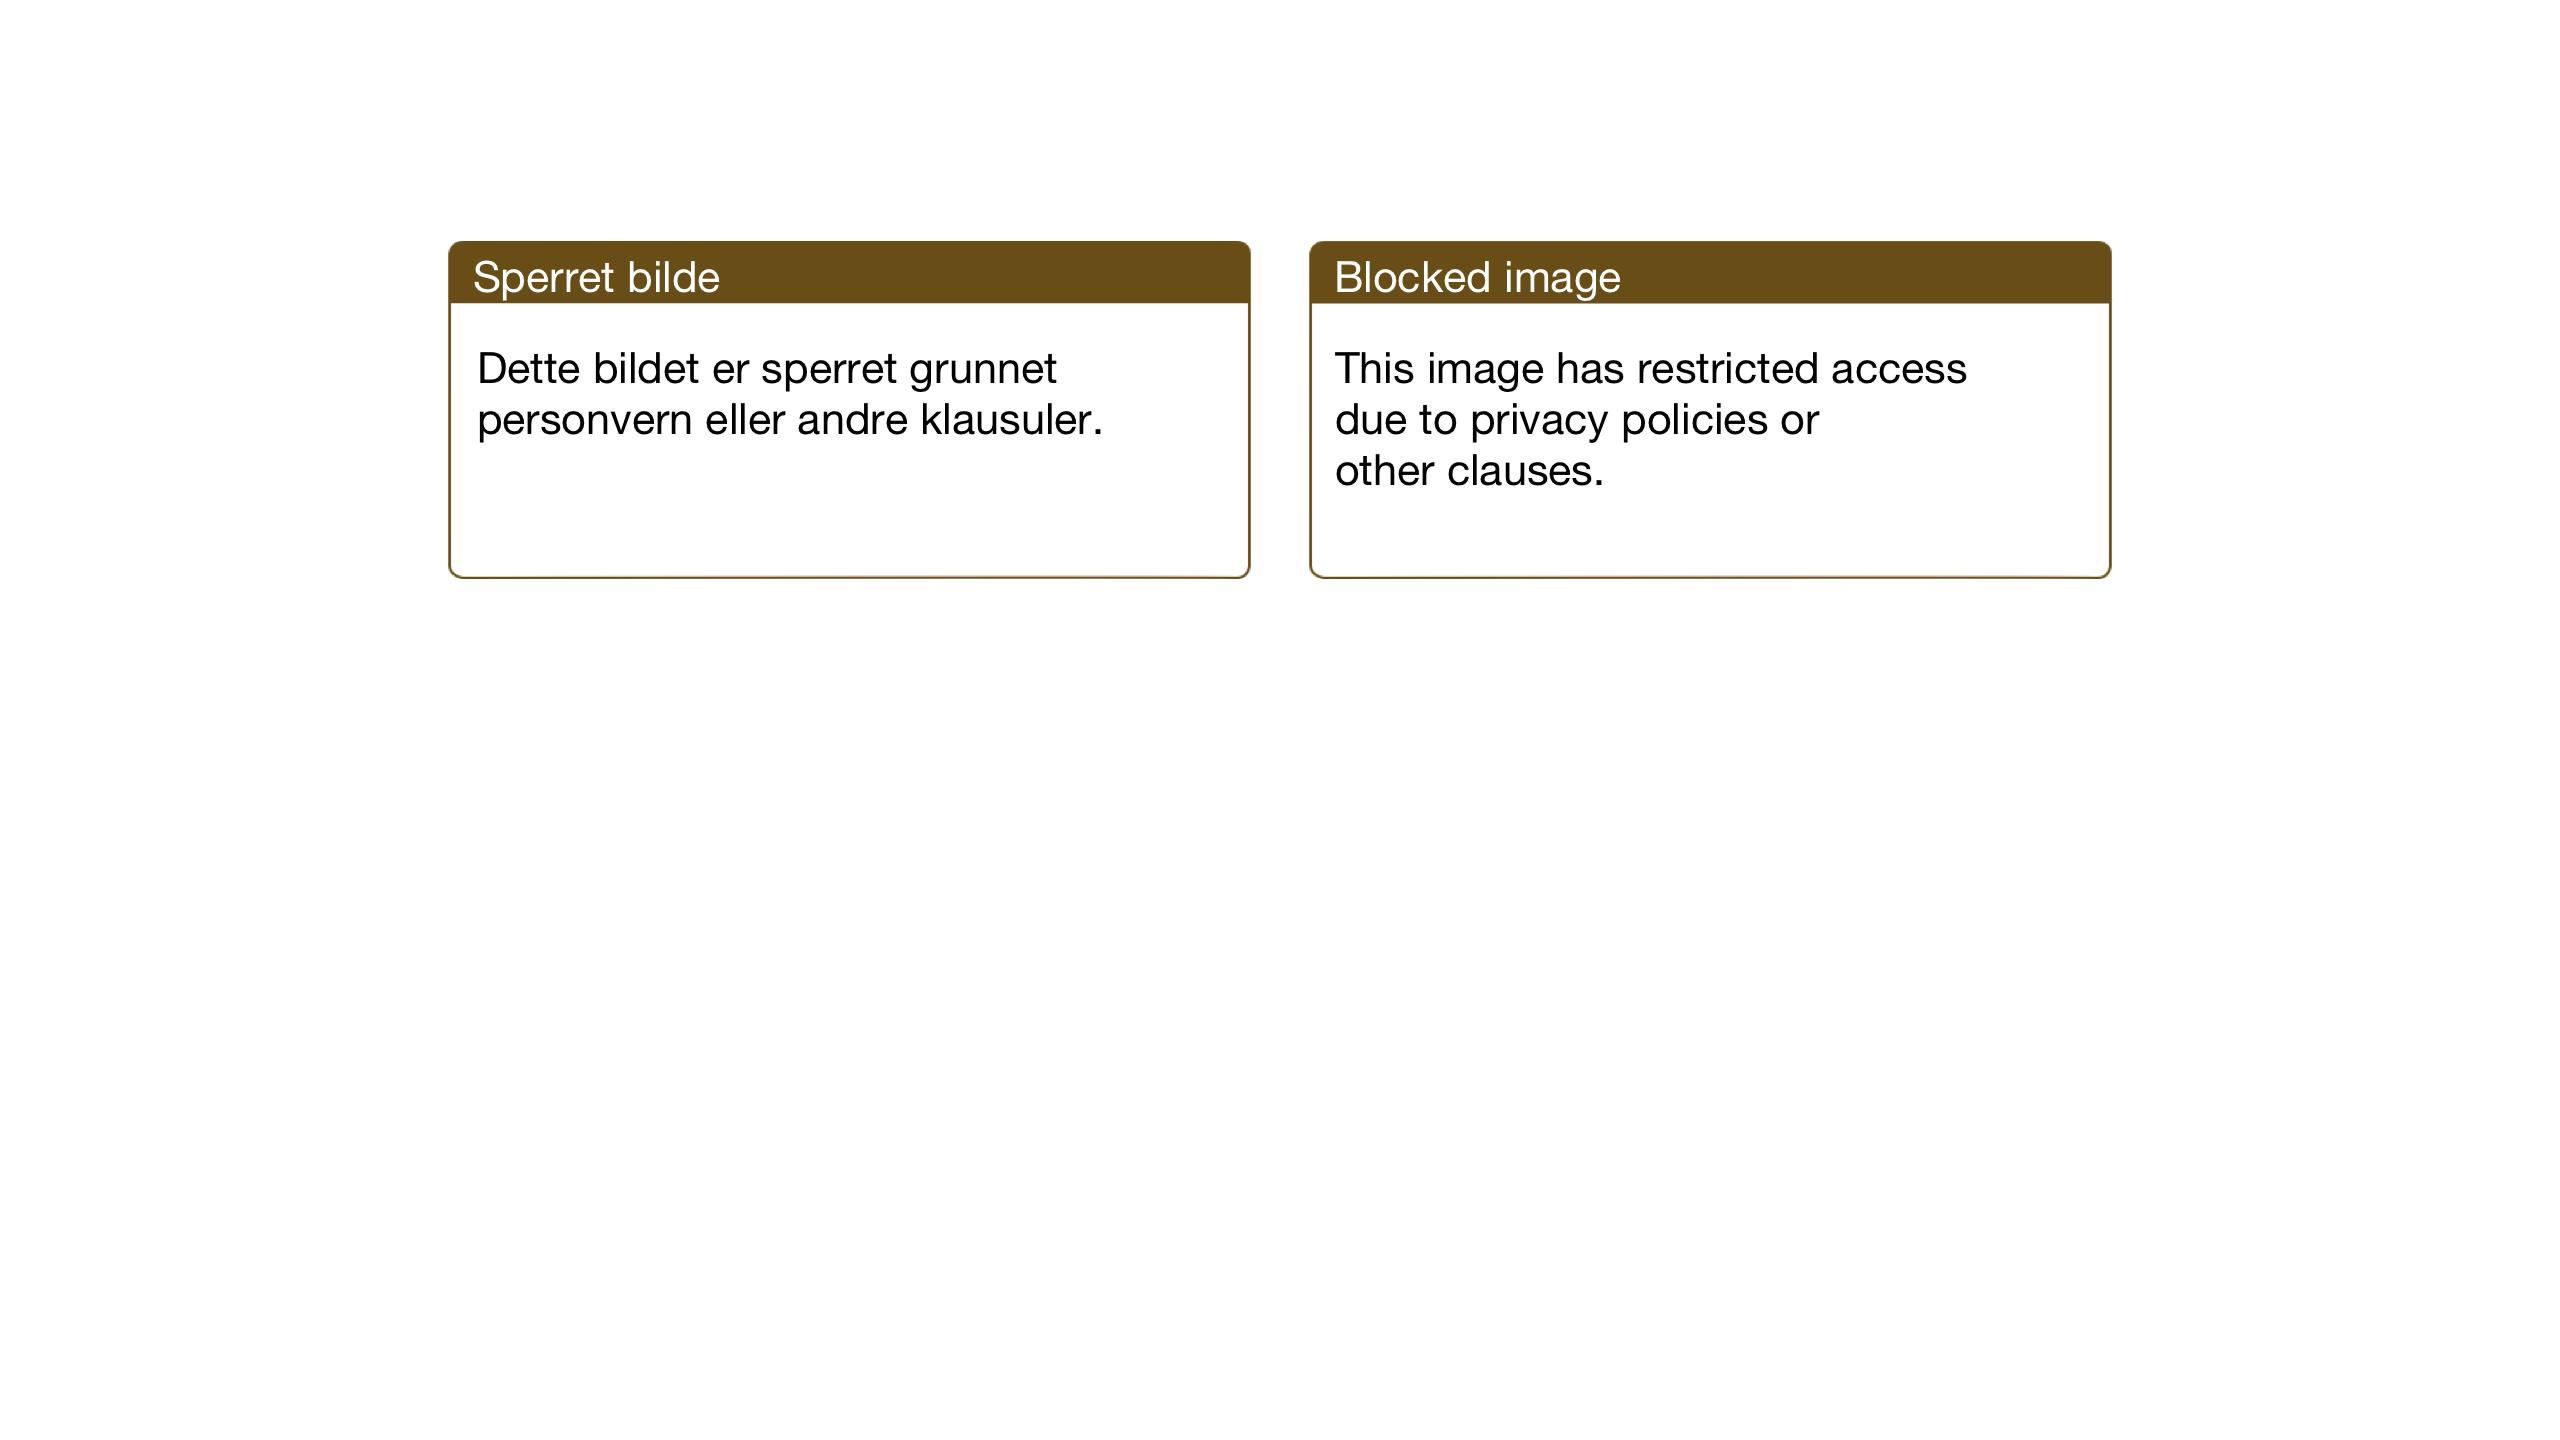 SAT, Ministerialprotokoller, klokkerbøker og fødselsregistre - Sør-Trøndelag, 689/L1045: Klokkerbok nr. 689C04, 1923-1940, s. 57